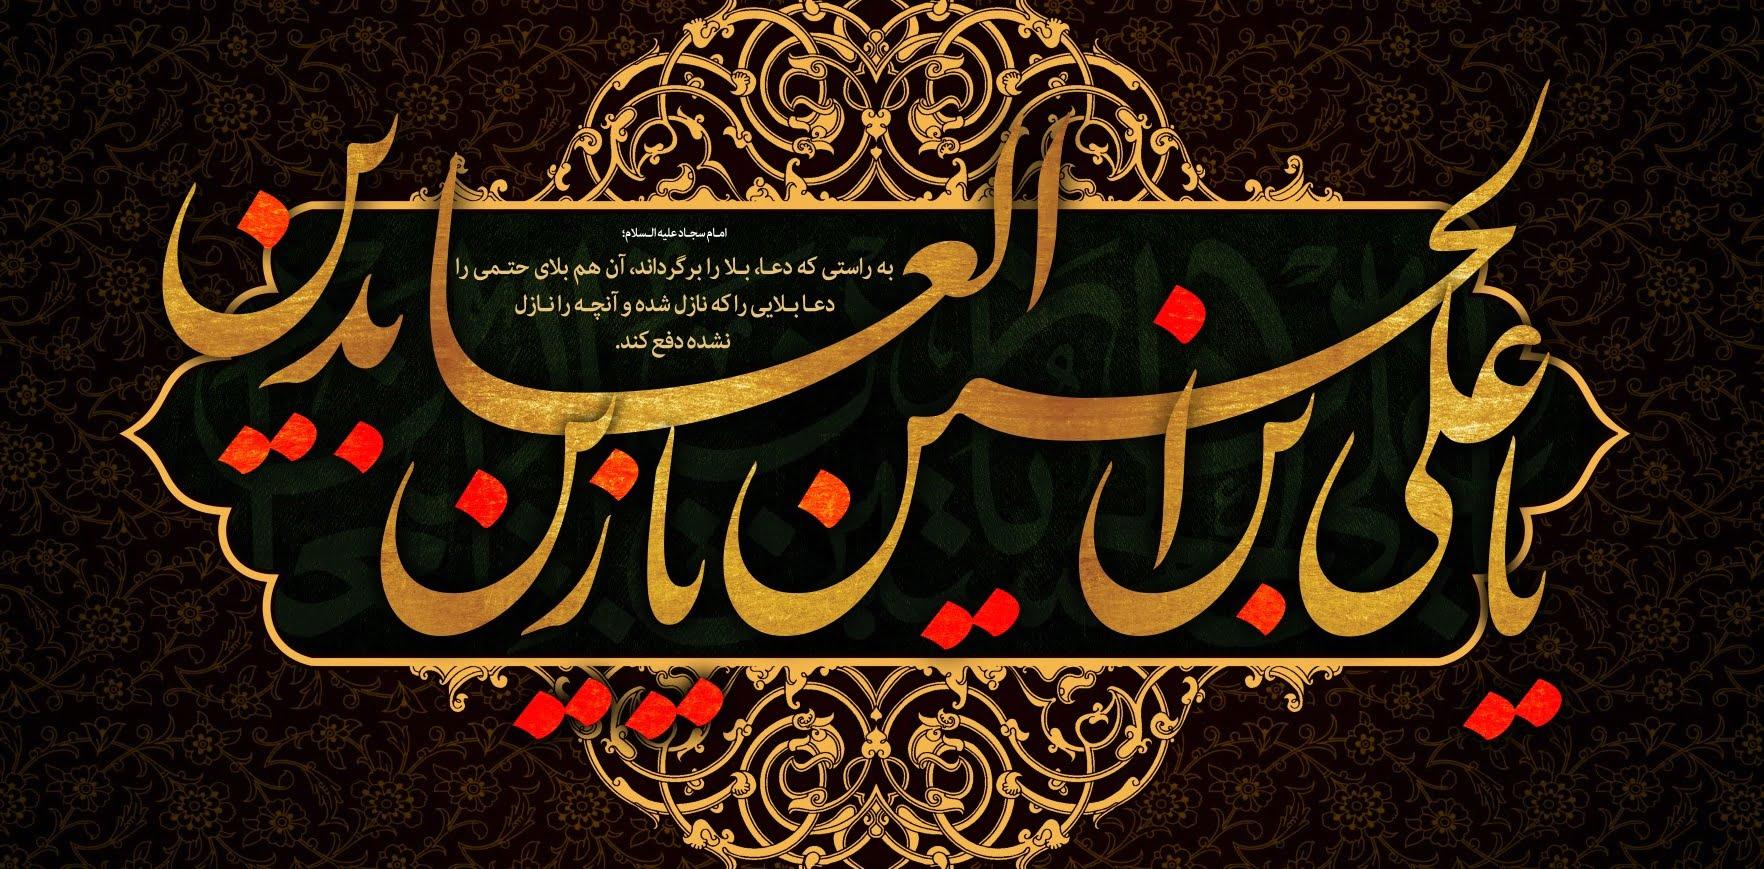 زین العابدین - زندگینامه امام سجاد علیه السلام